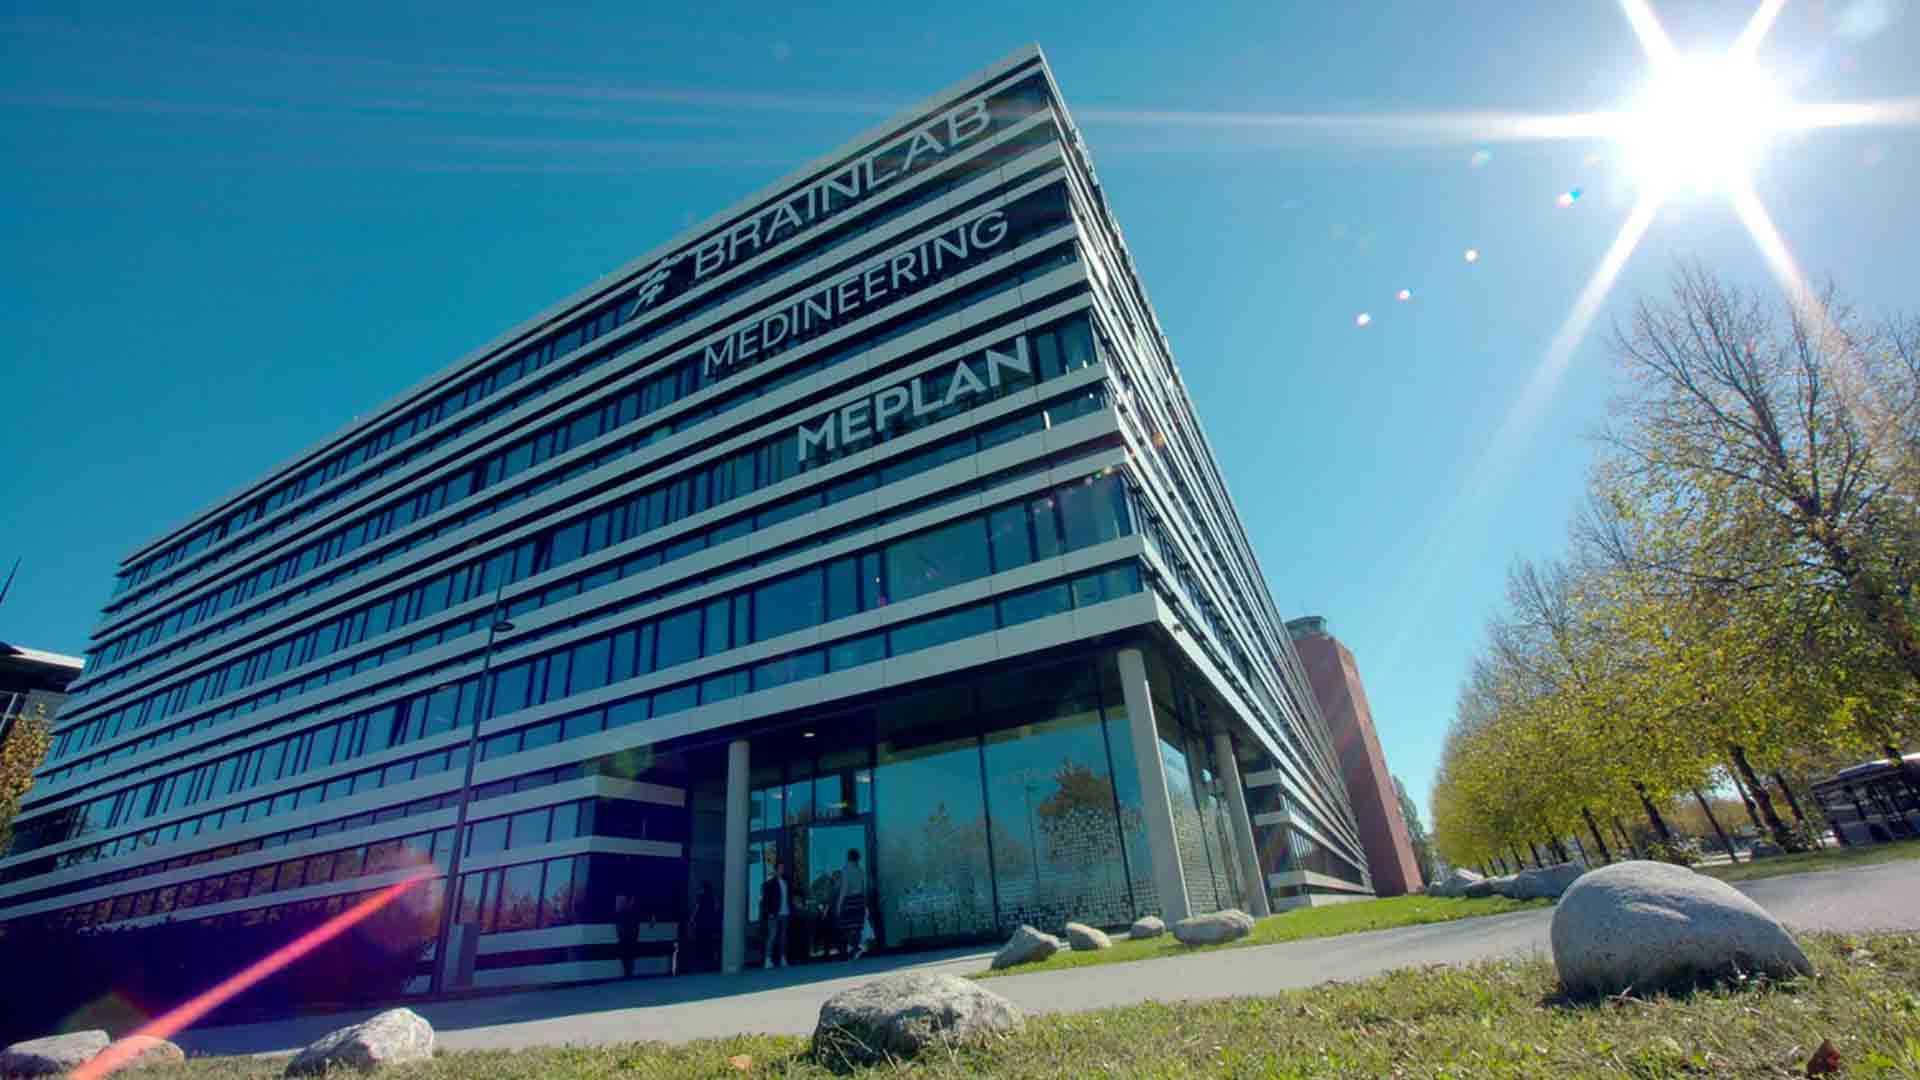 Das Bild zeigt ein Gebäude. Dieses Gebäude besteht aus vielen Glasfenstern. In der rechten Ecke des Bildes sieht man die Sonne scheinen. Das Bild dient als Sliderbild für den Portfolioeintrag Bayrisches Staatsministerium - Innovationspreis Bayern von Panda Pictures.